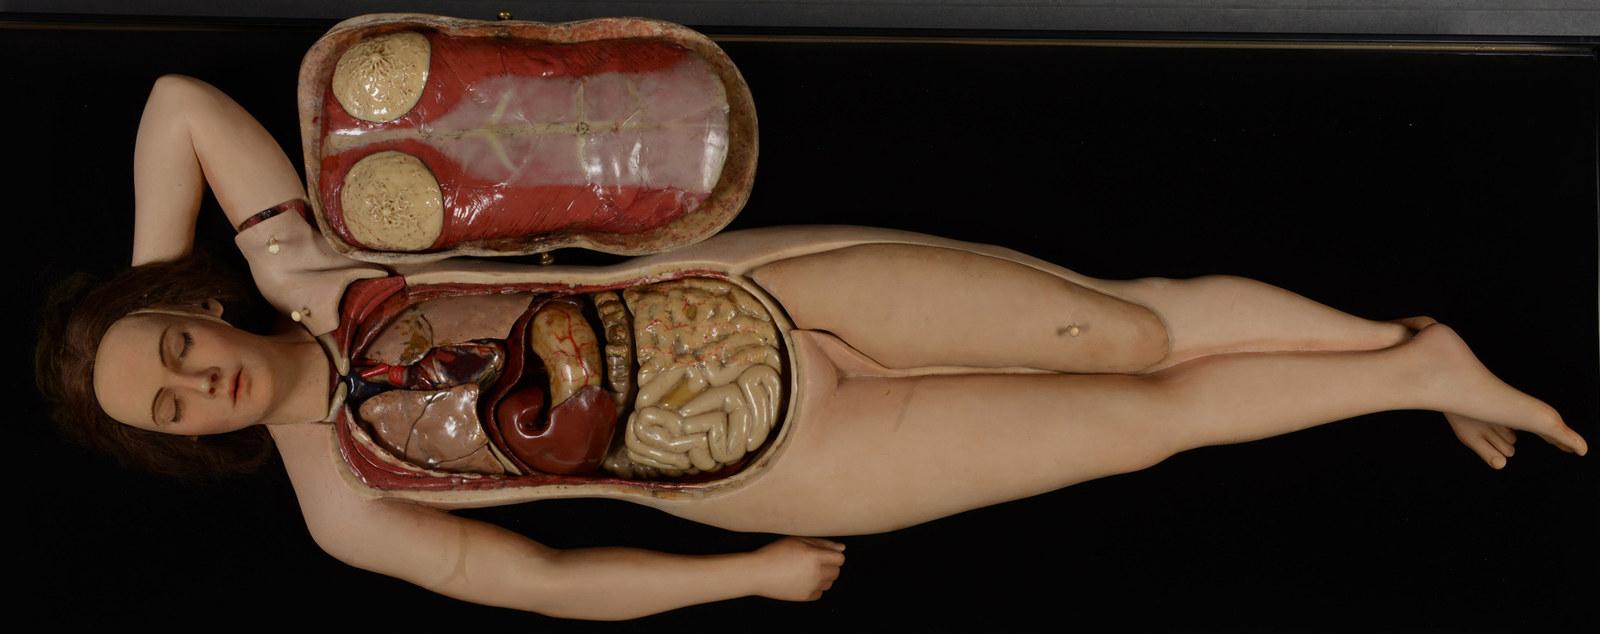 Съемка вагины из нутри, Видео из вагины женский оргазм 19 фотография